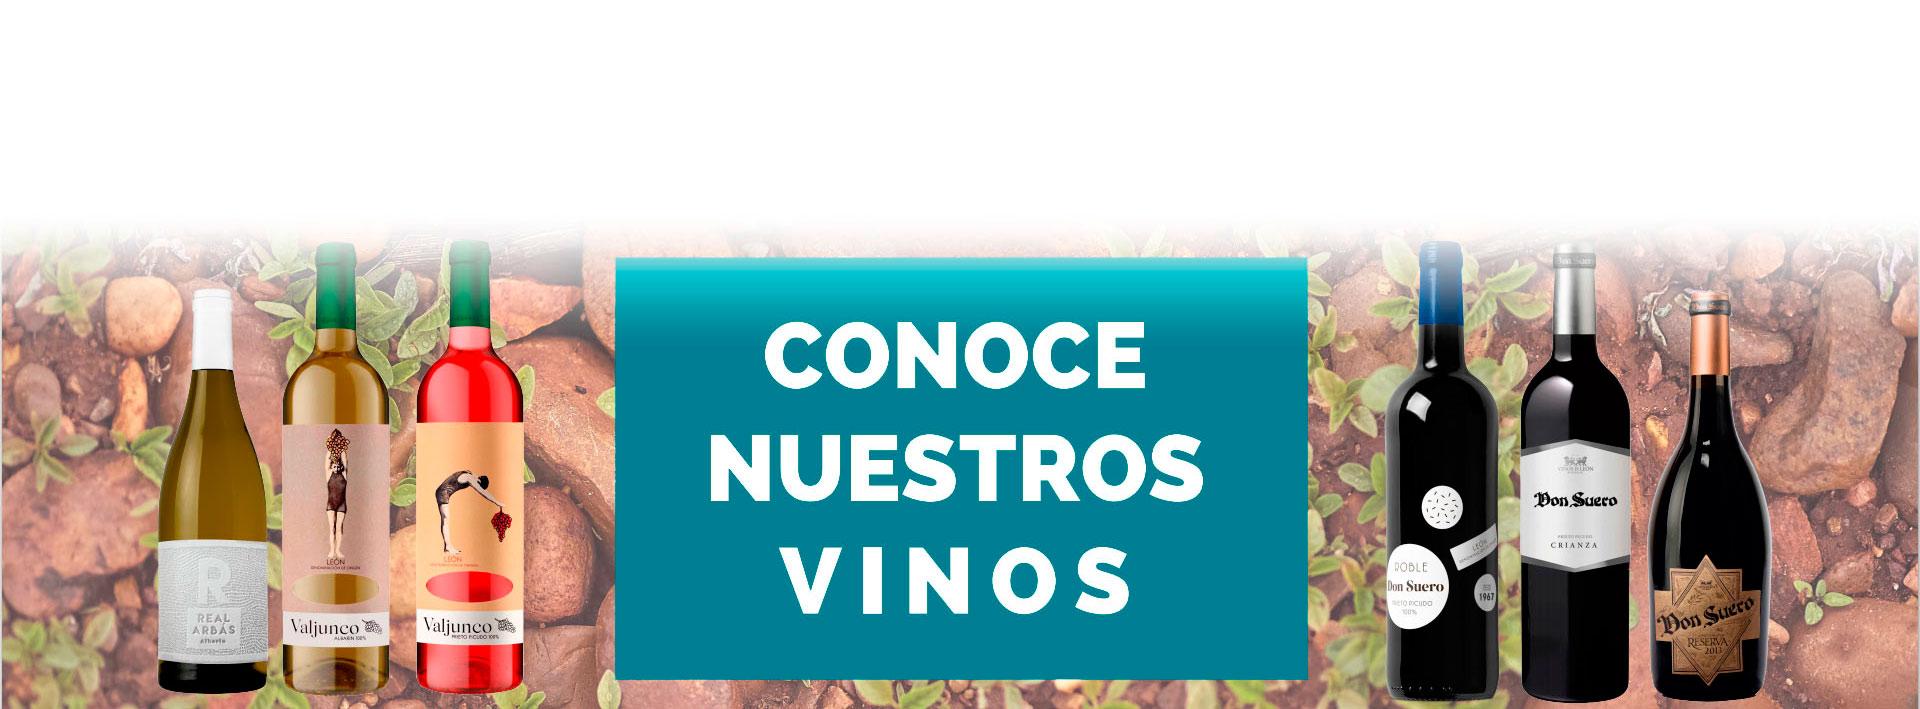 cabecera vinos